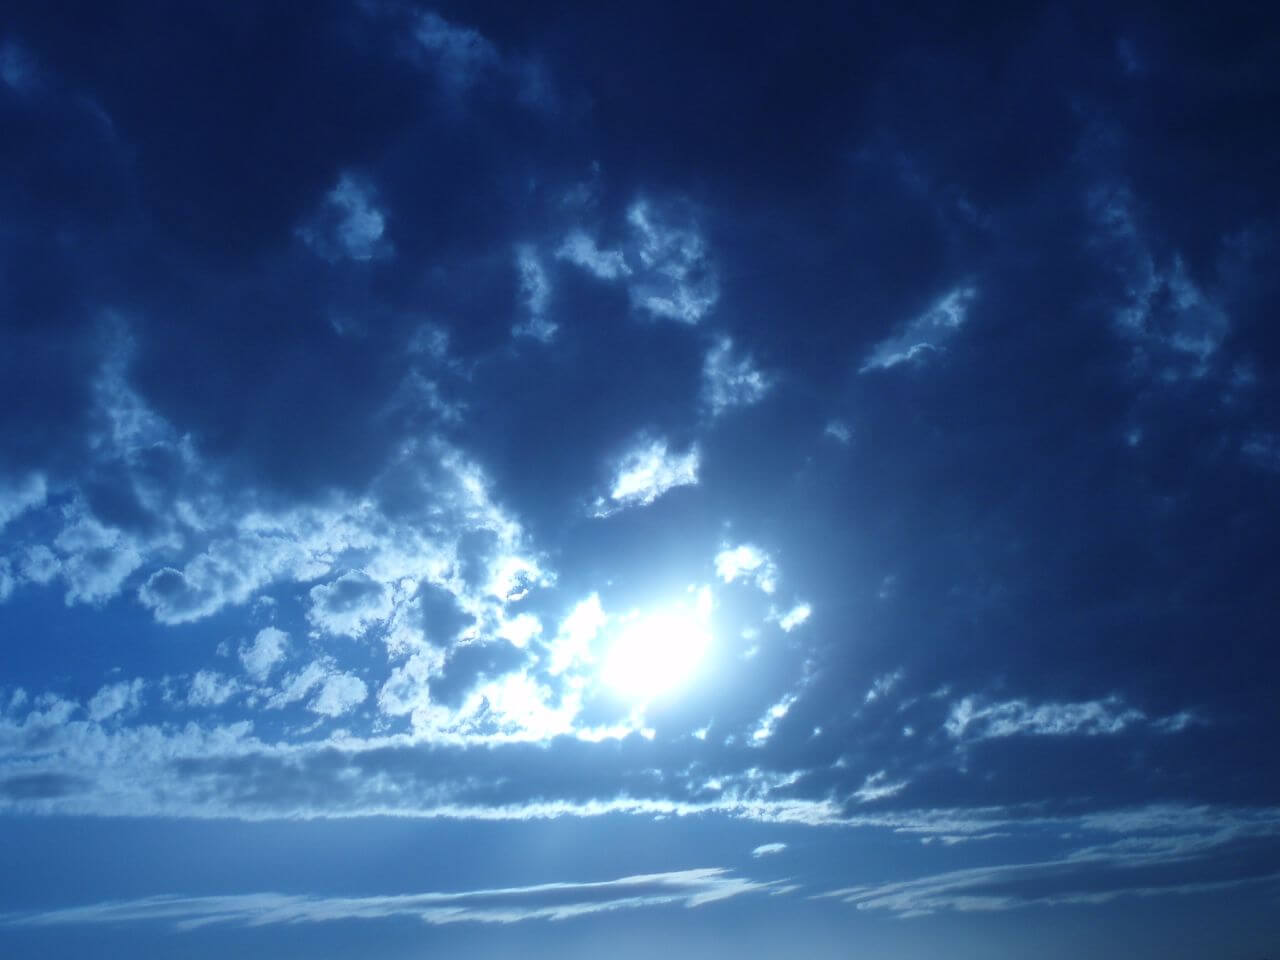 صورة تفسير رؤية السماء , تفسير حلم رؤيه السماء